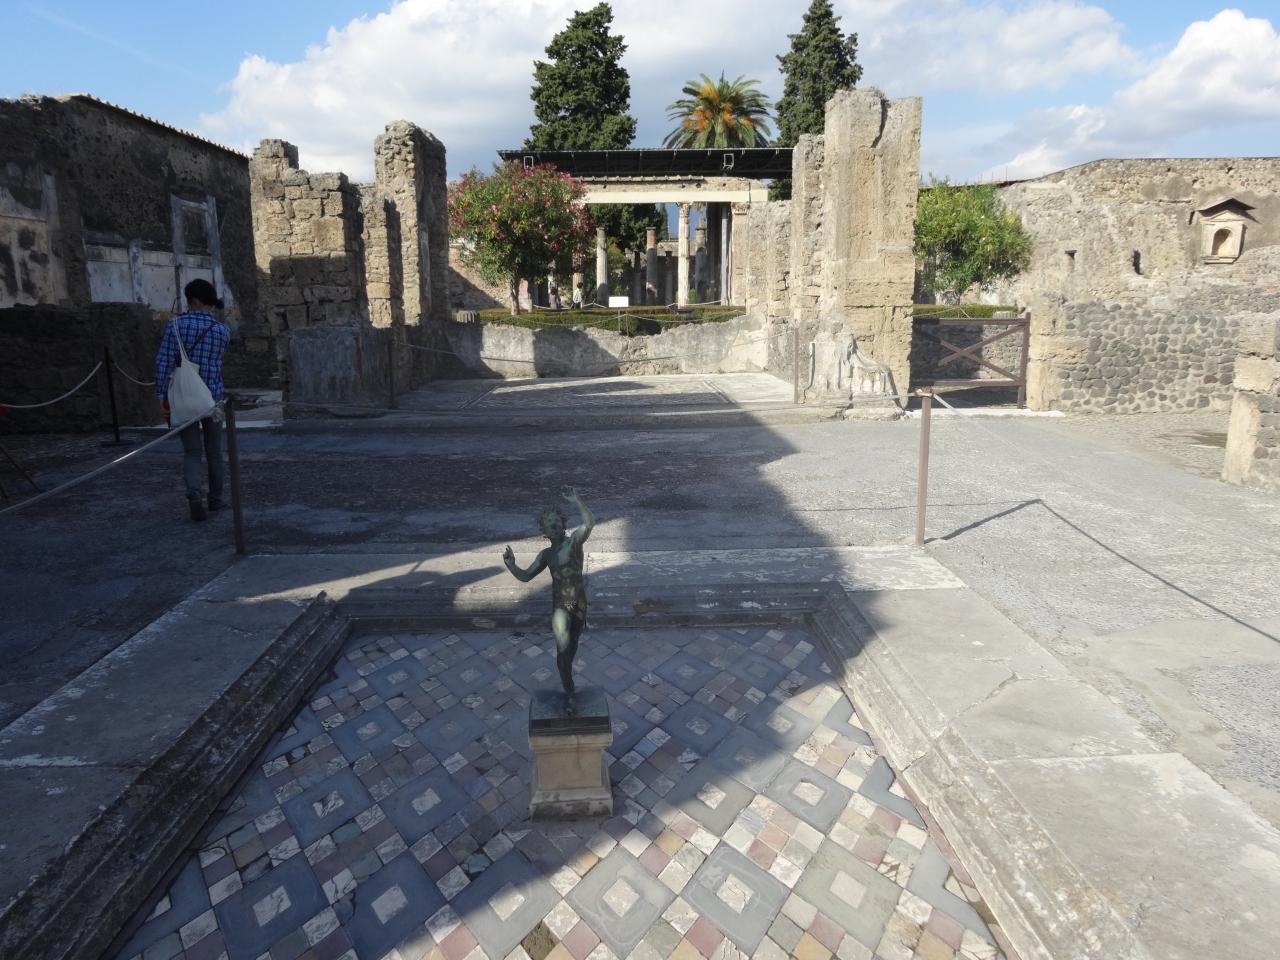 ポンペイ、ヘルクラネウム及びトッレ・アンヌンツィアータの遺跡地域の画像 p1_14